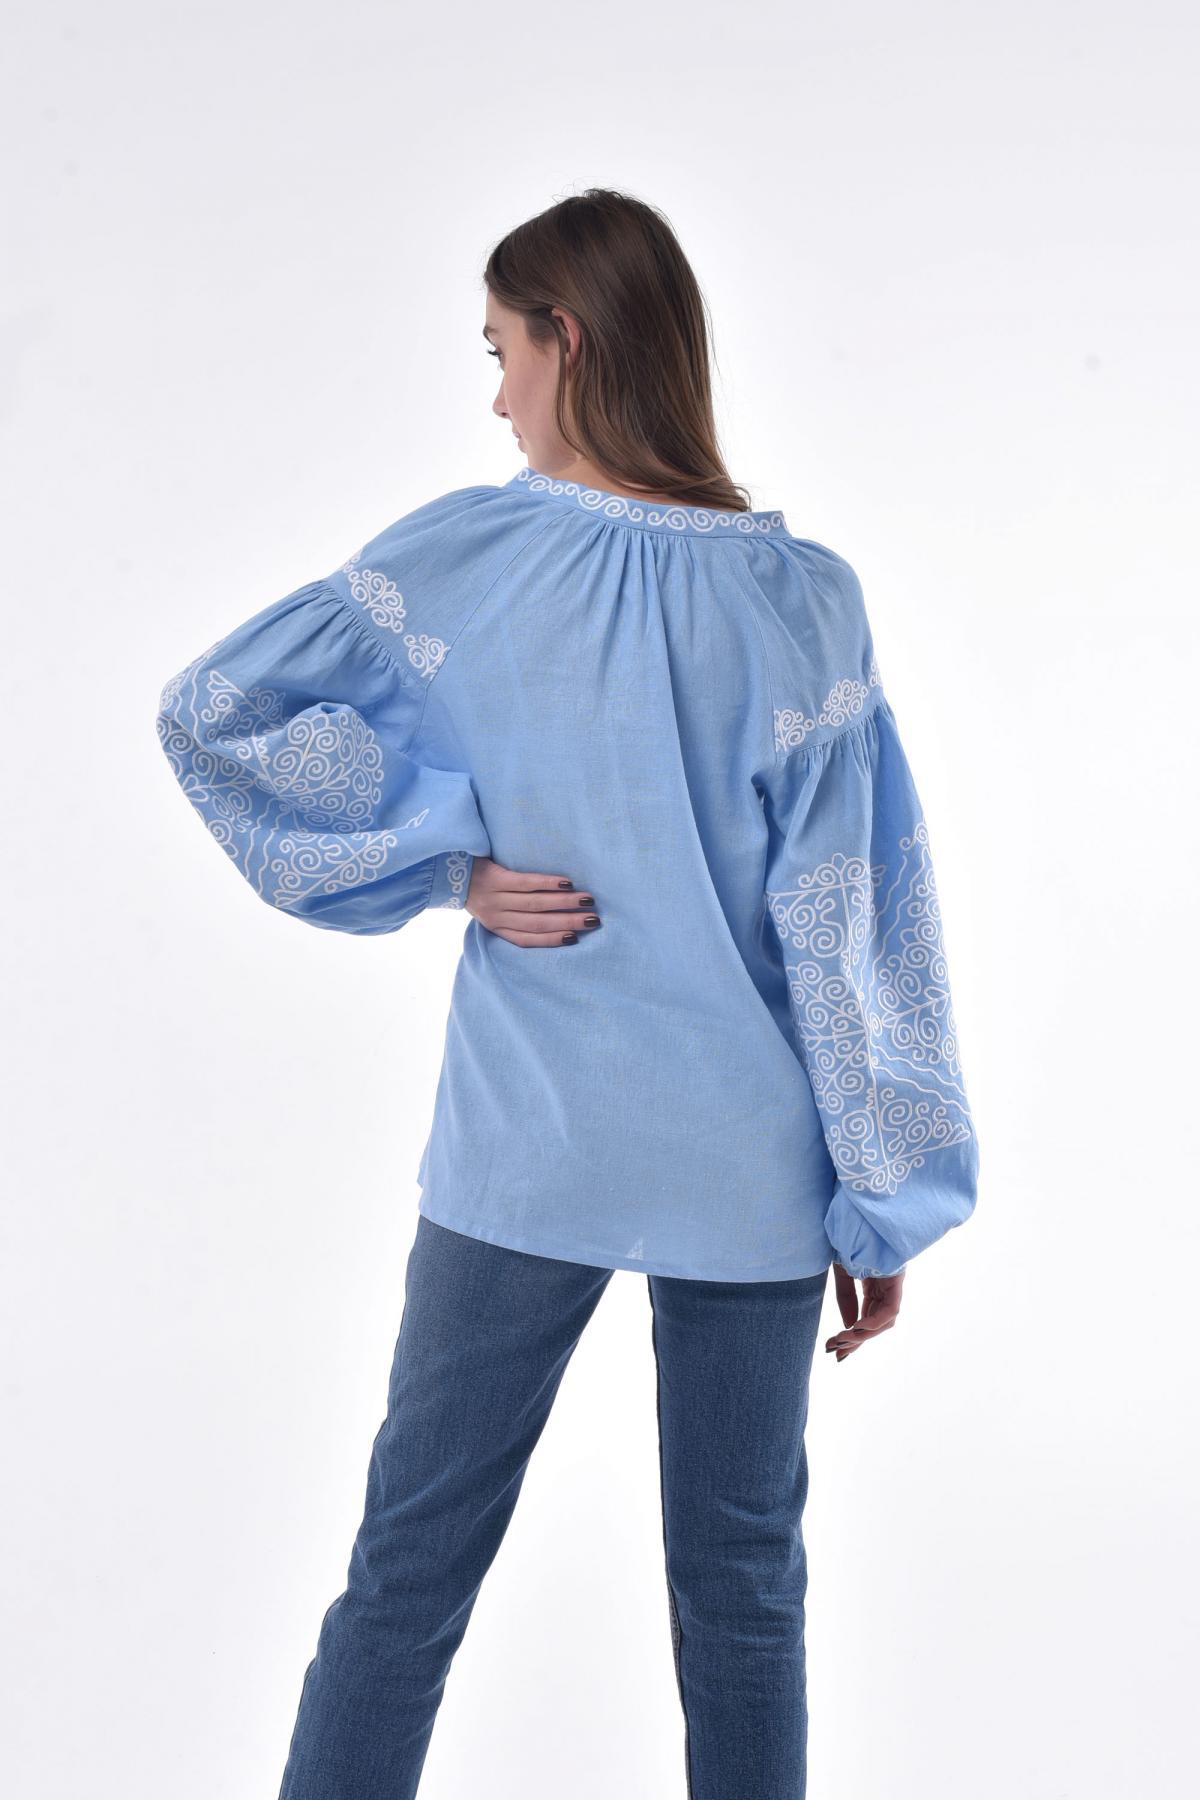 Вышитая рубашка с голубого льна с белой вышивкой. Фото №3. | Народный дом Украина